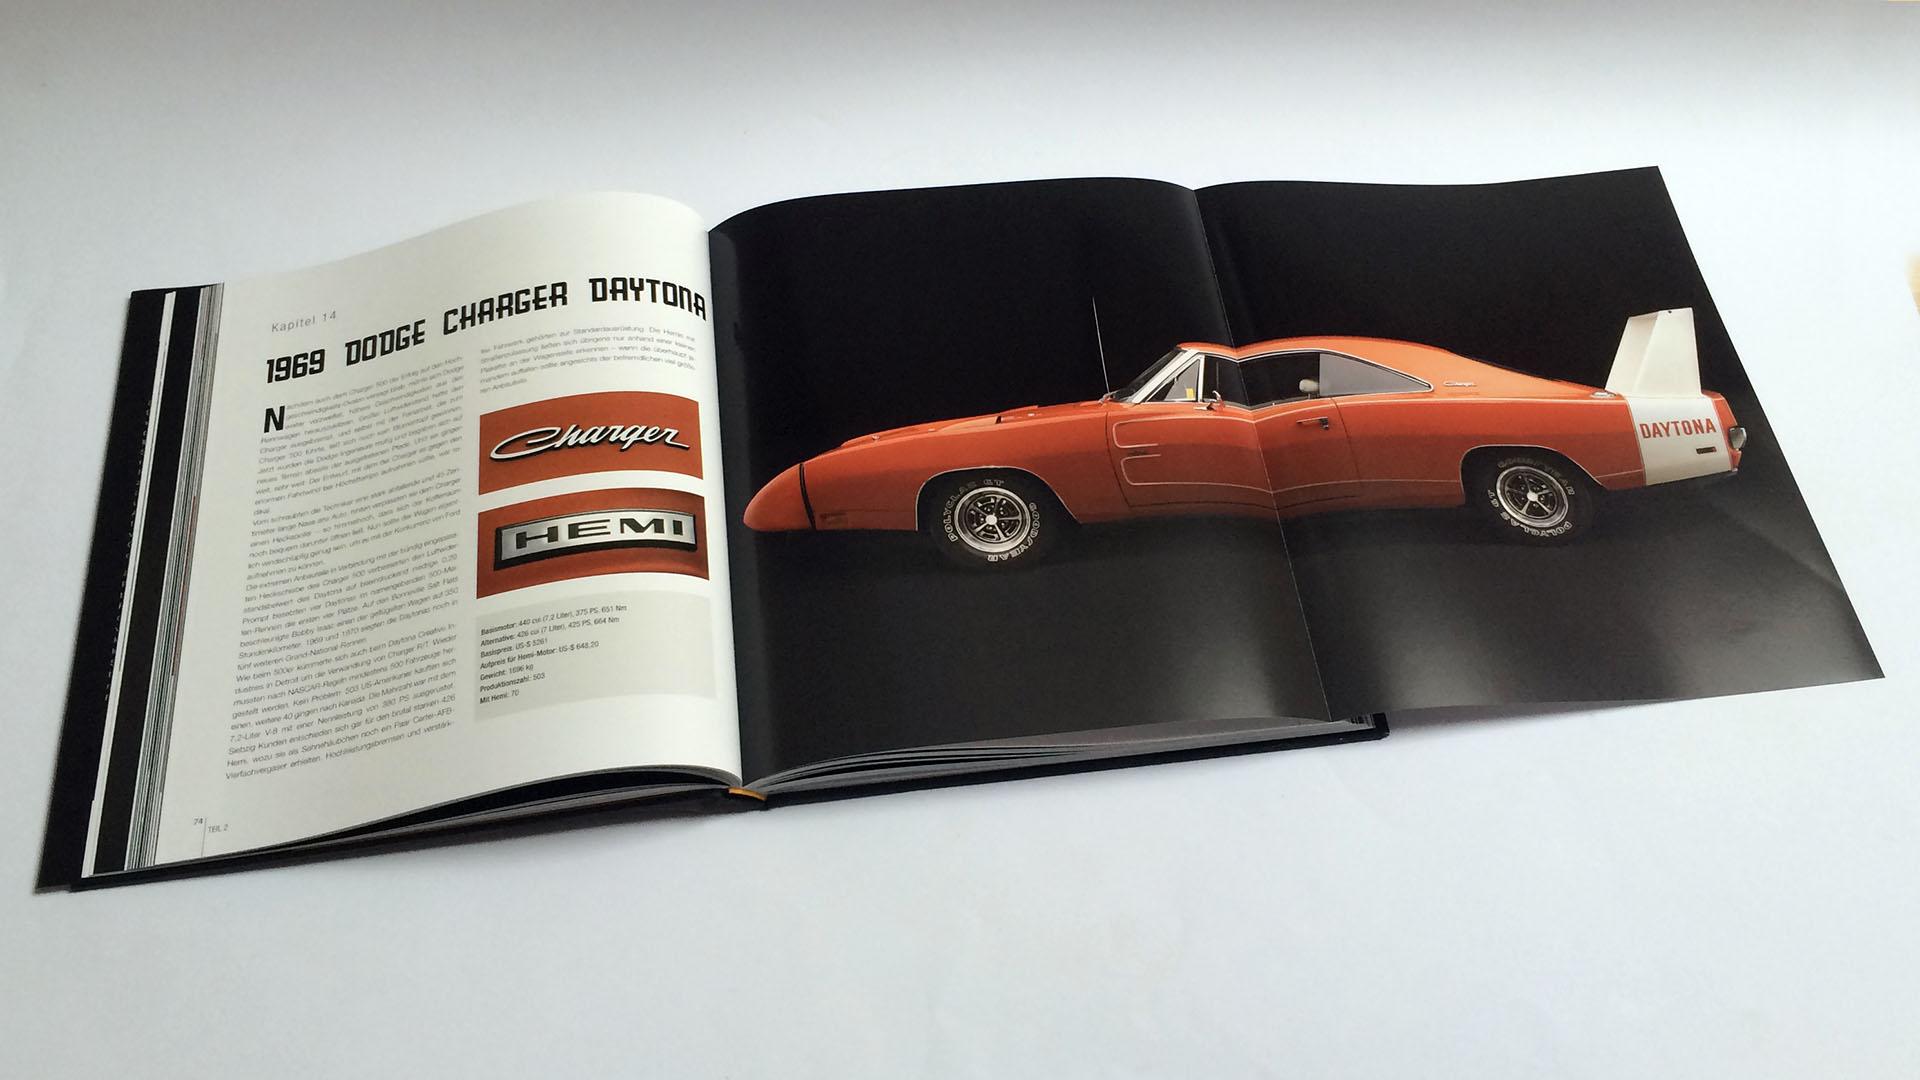 buchbesprechung – ultimate muscle car – autobuch.guru